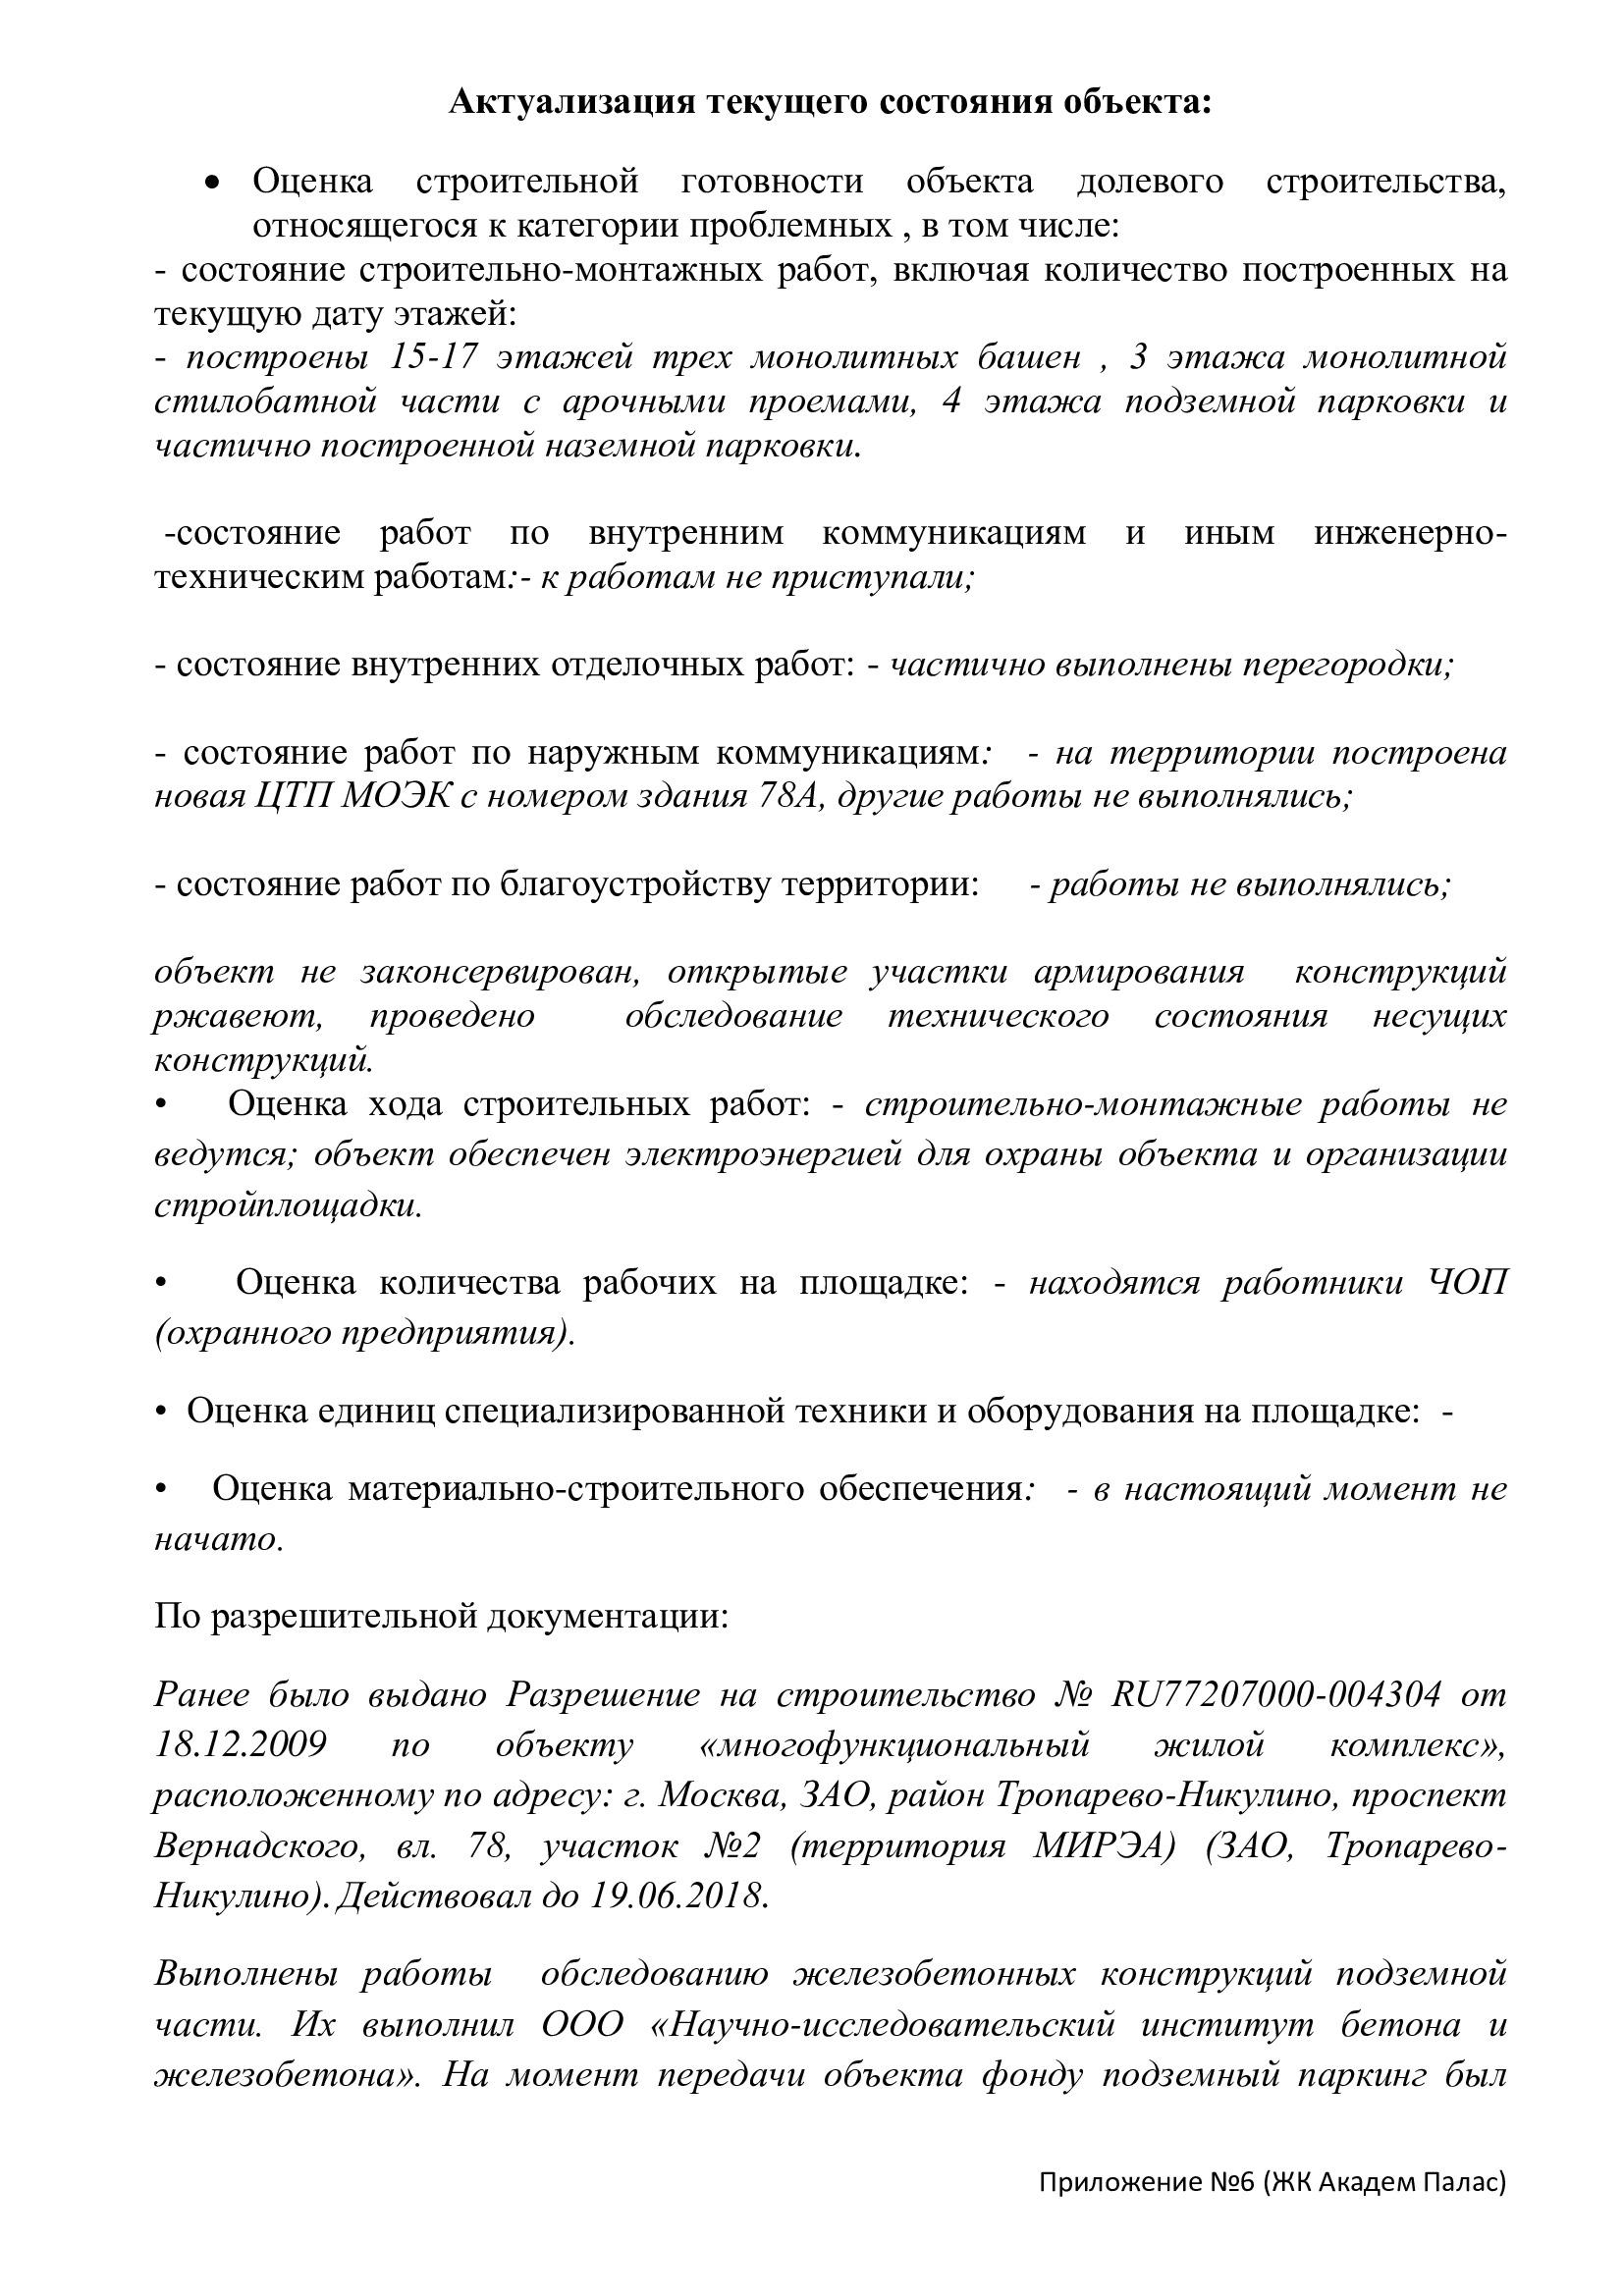 """Аналитическая справка о ходе достройки ЖК """"Академ Палас"""""""